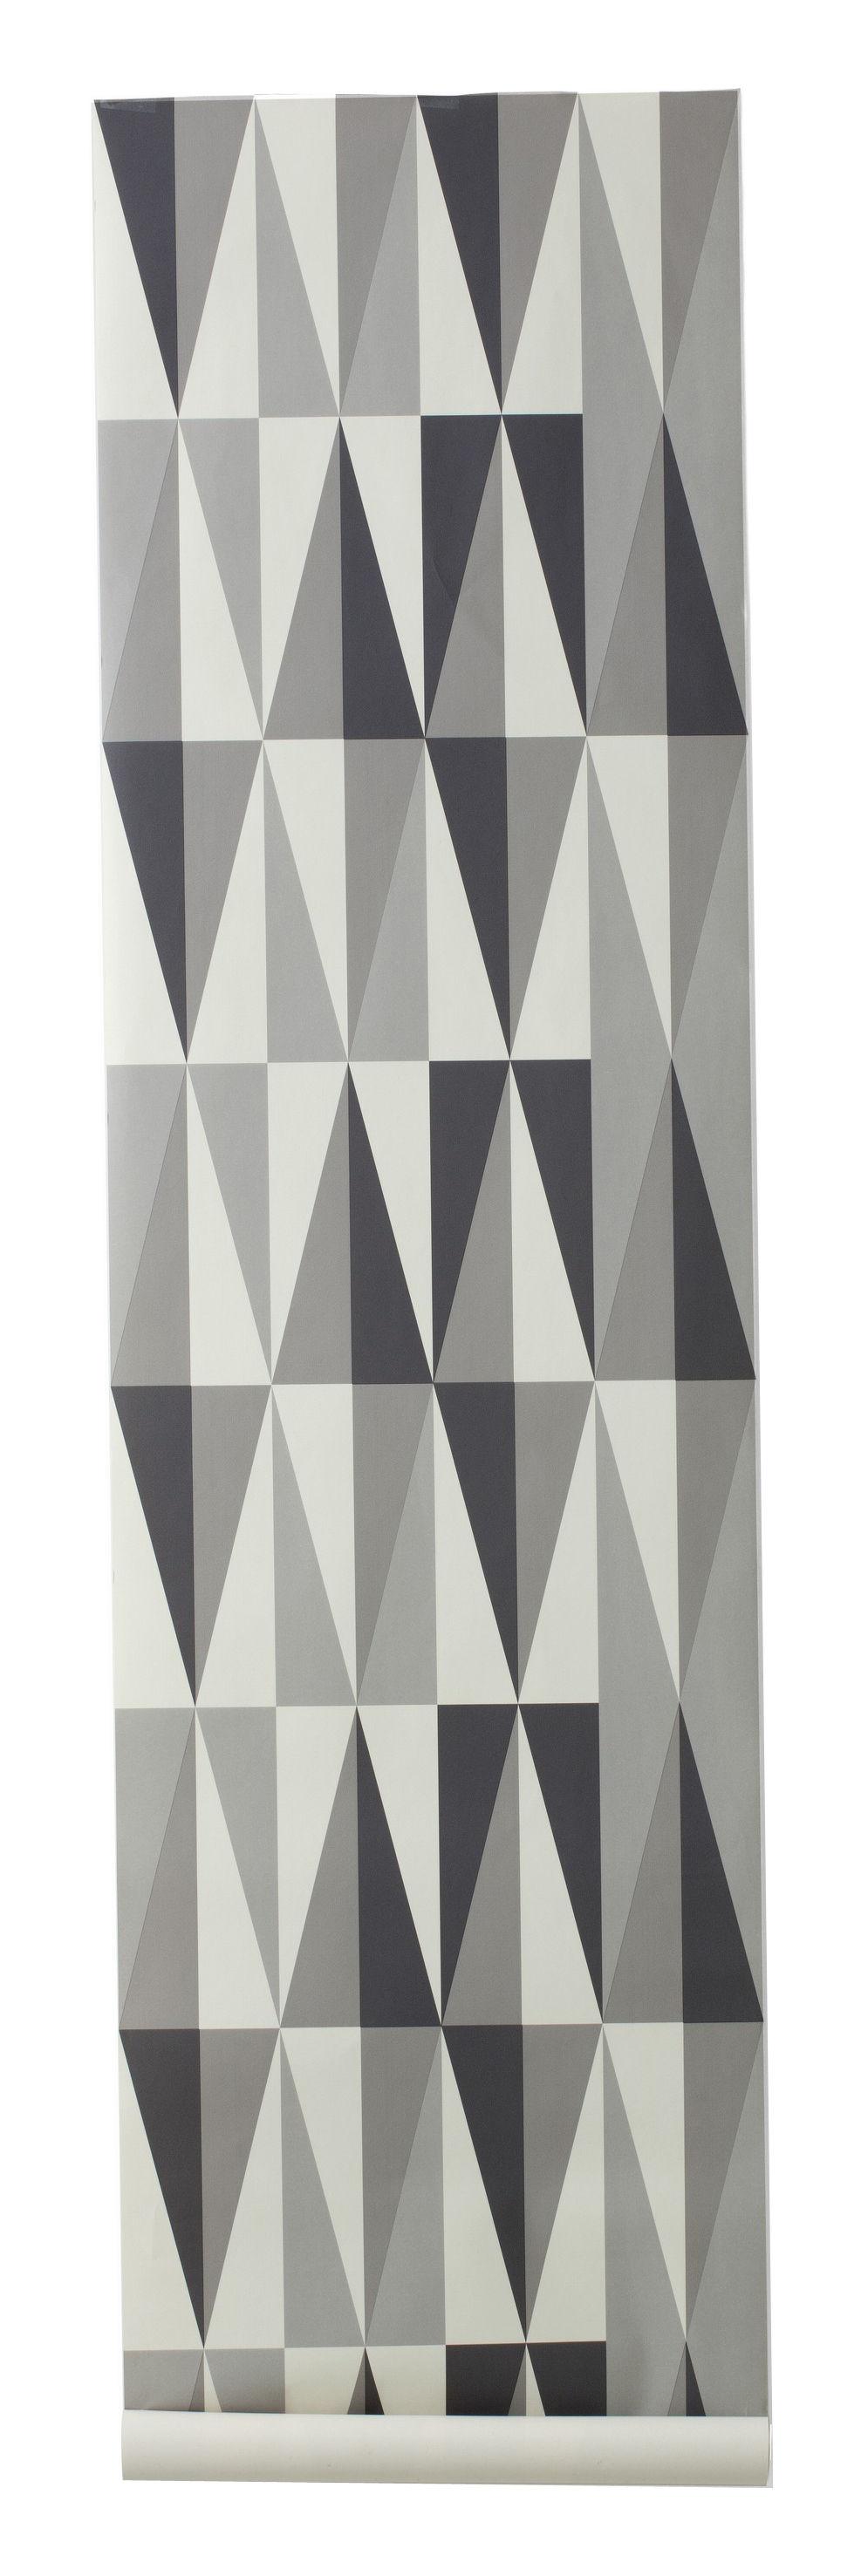 spear ferm living tapete. Black Bedroom Furniture Sets. Home Design Ideas